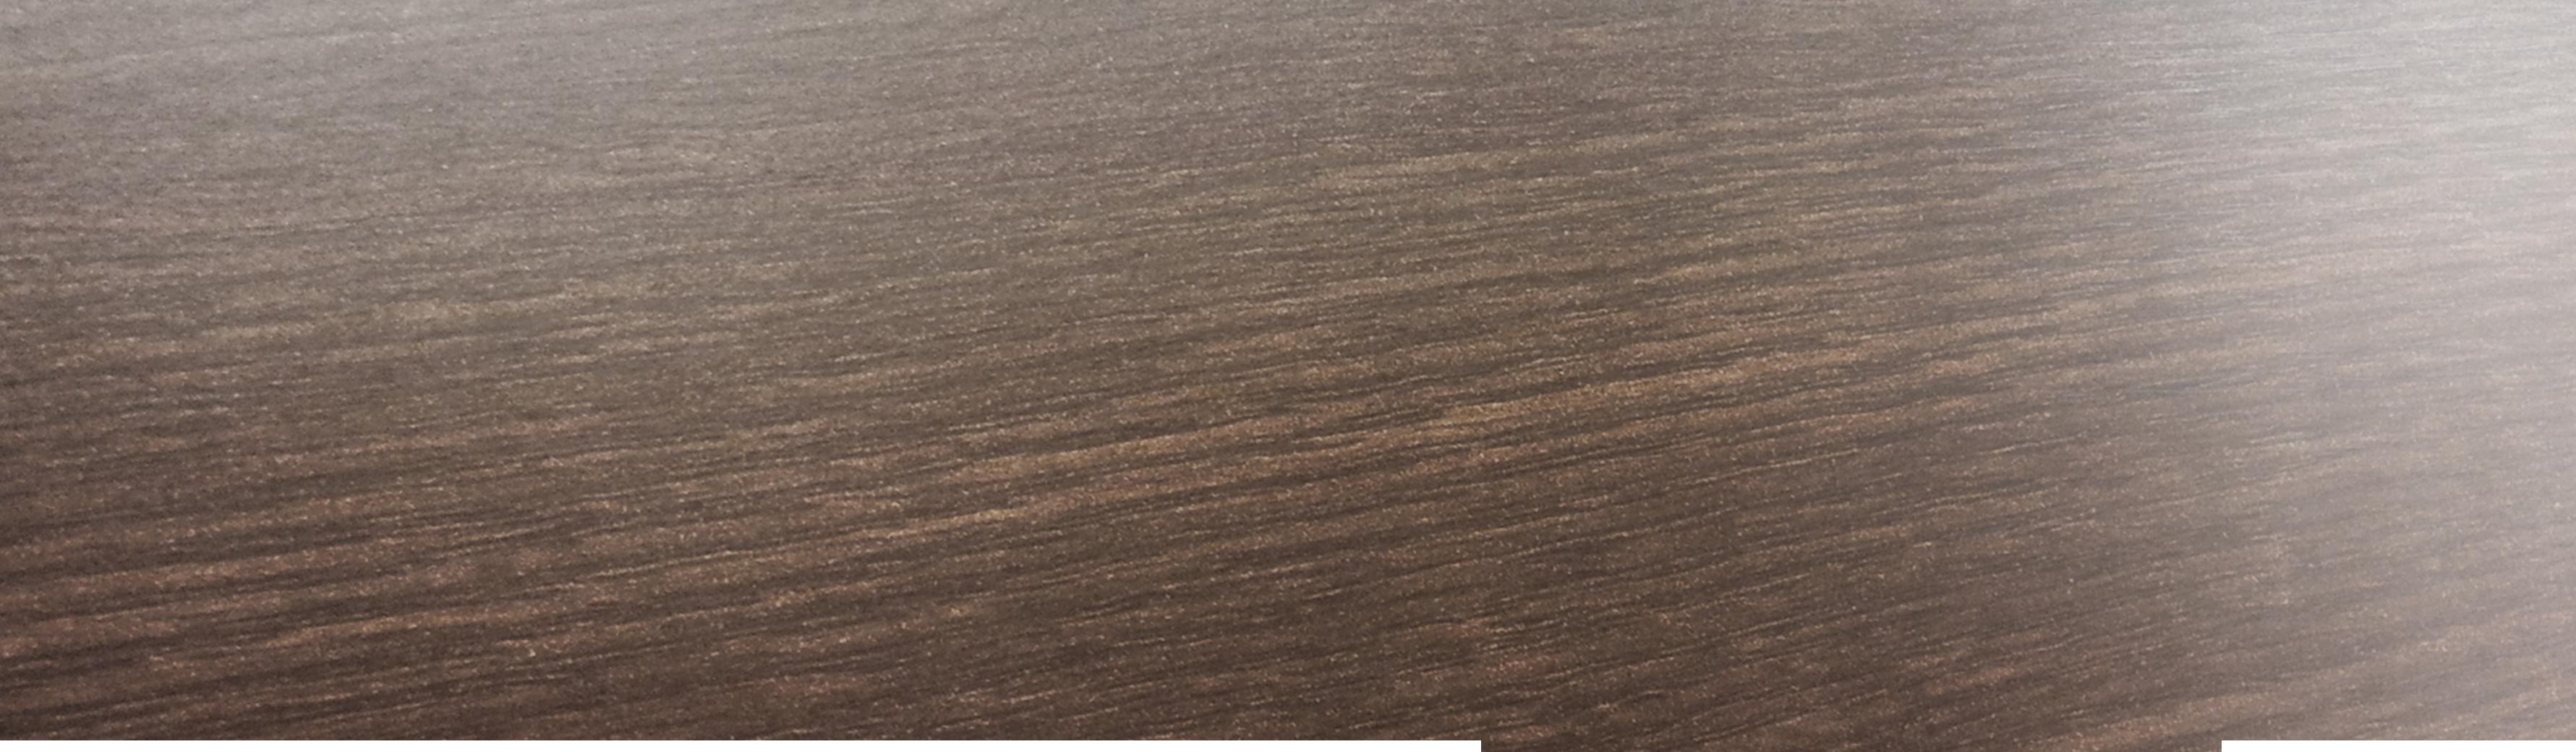 River-Park Residence Reghin